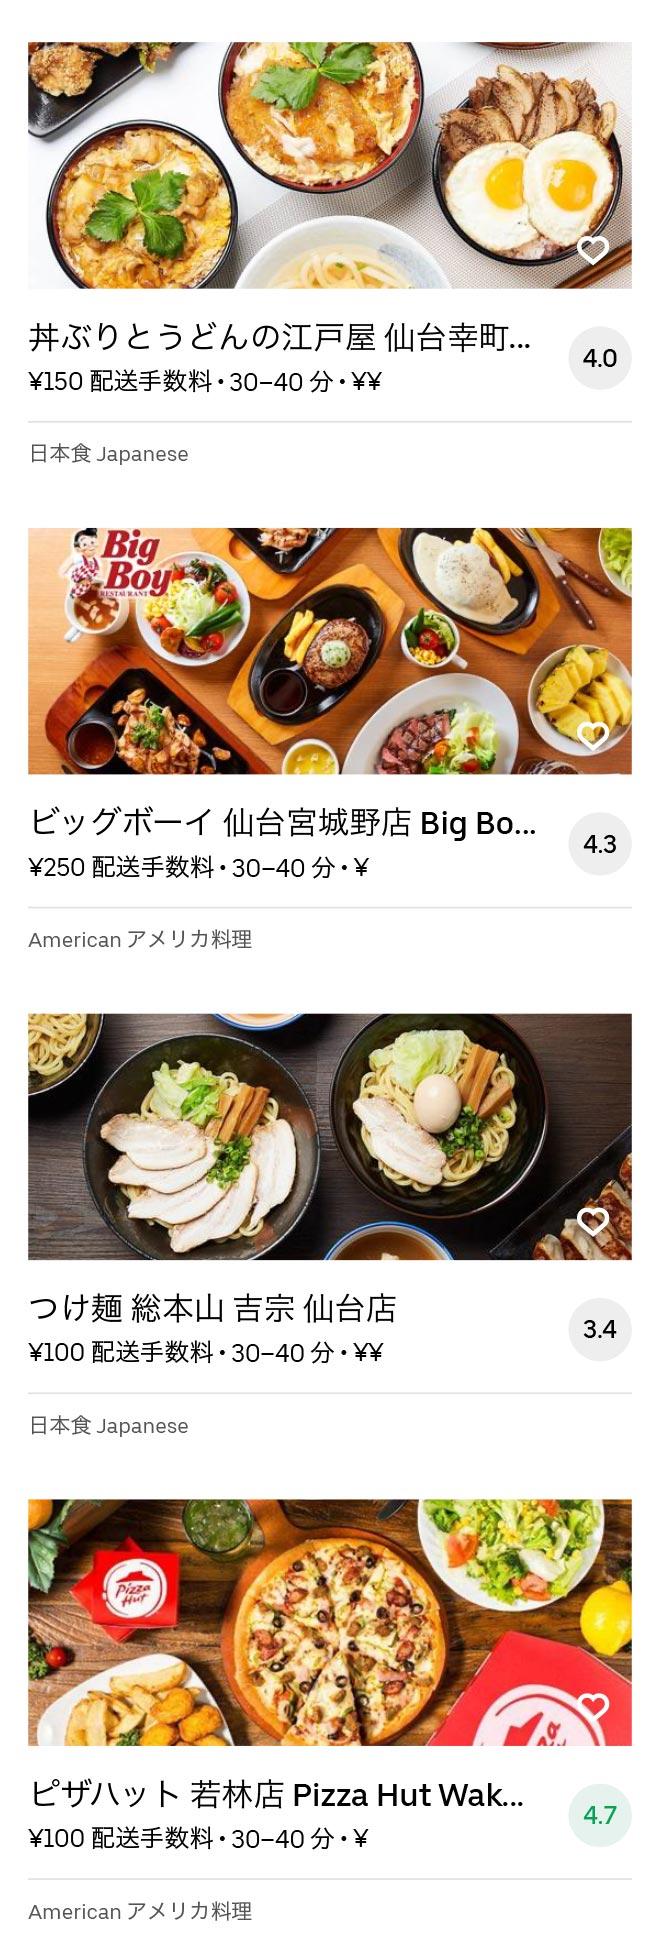 Higashi sendai menu 2008 08